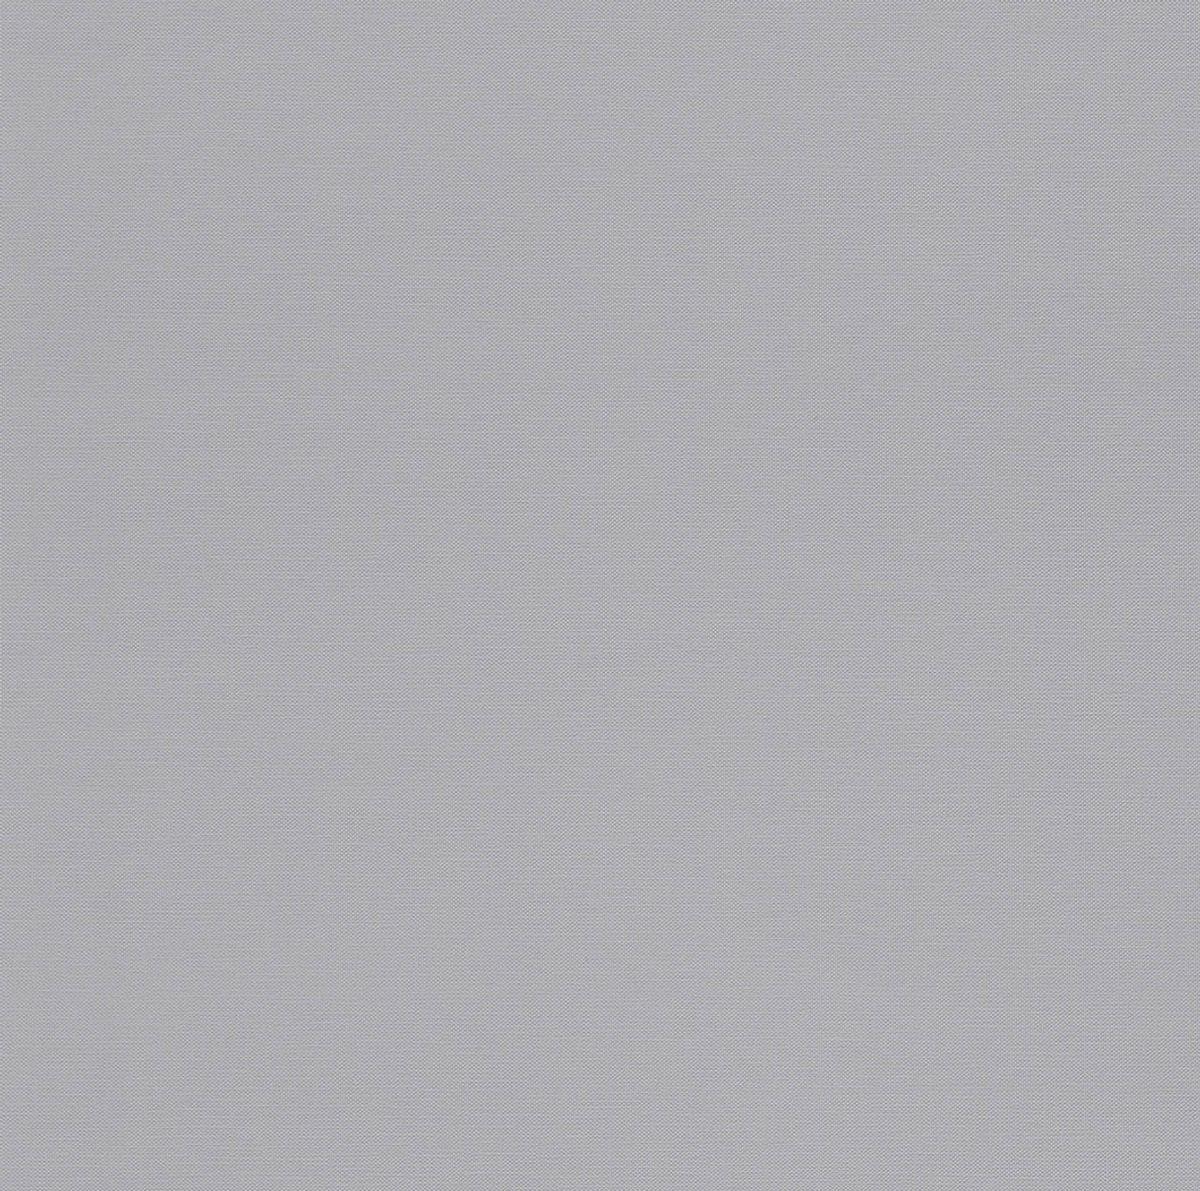 Papier peint uni souris Douglas duplex